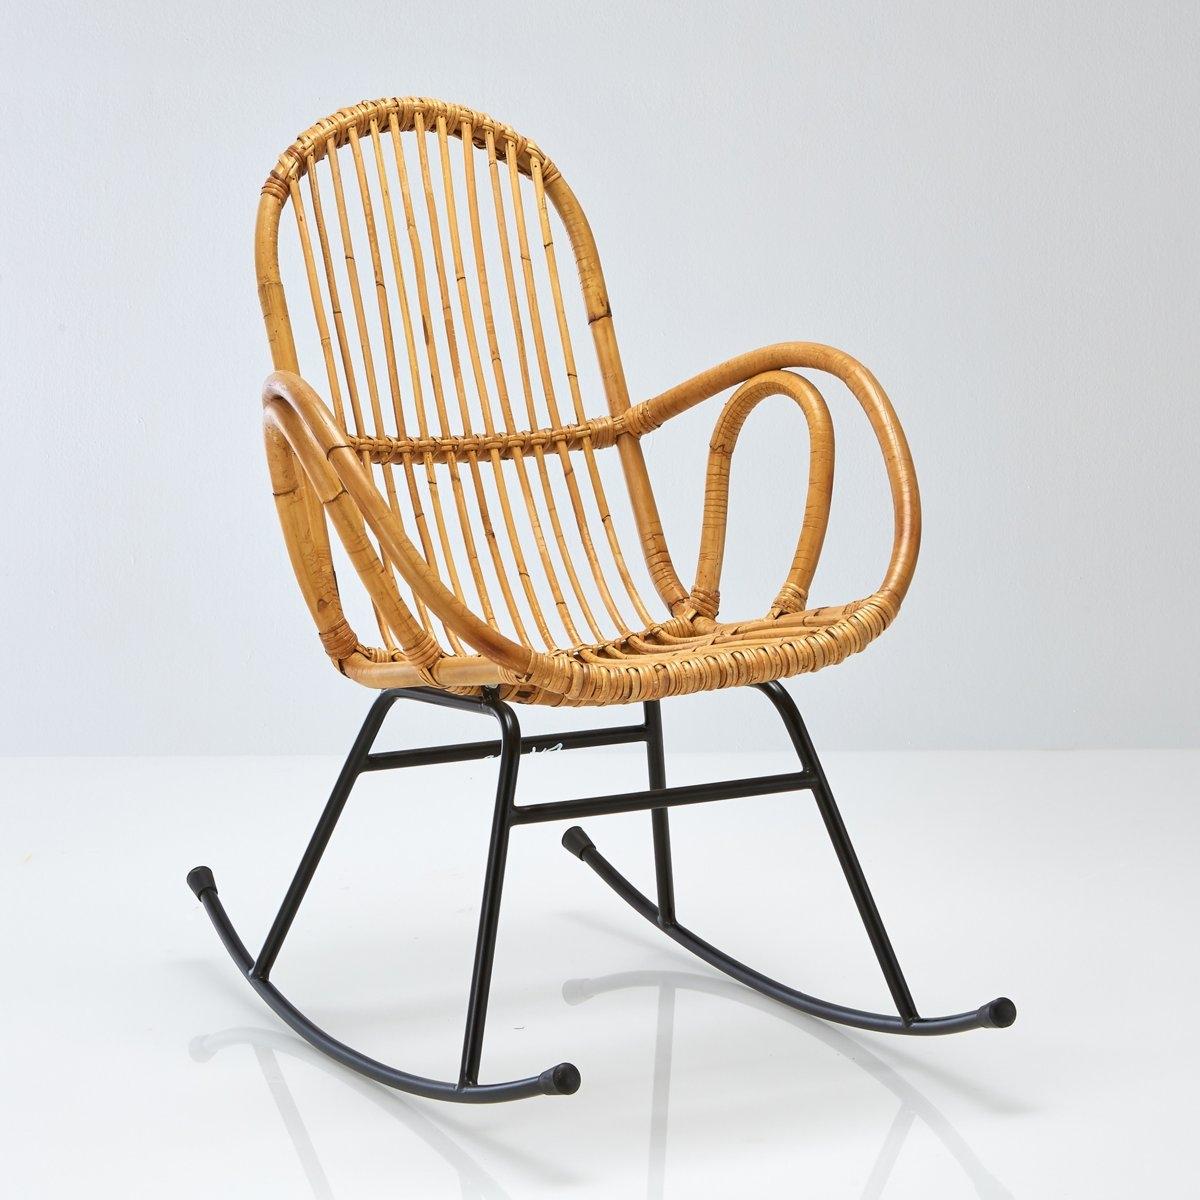 Кресло-качалка из ротанга в винтажном стиле, Siona